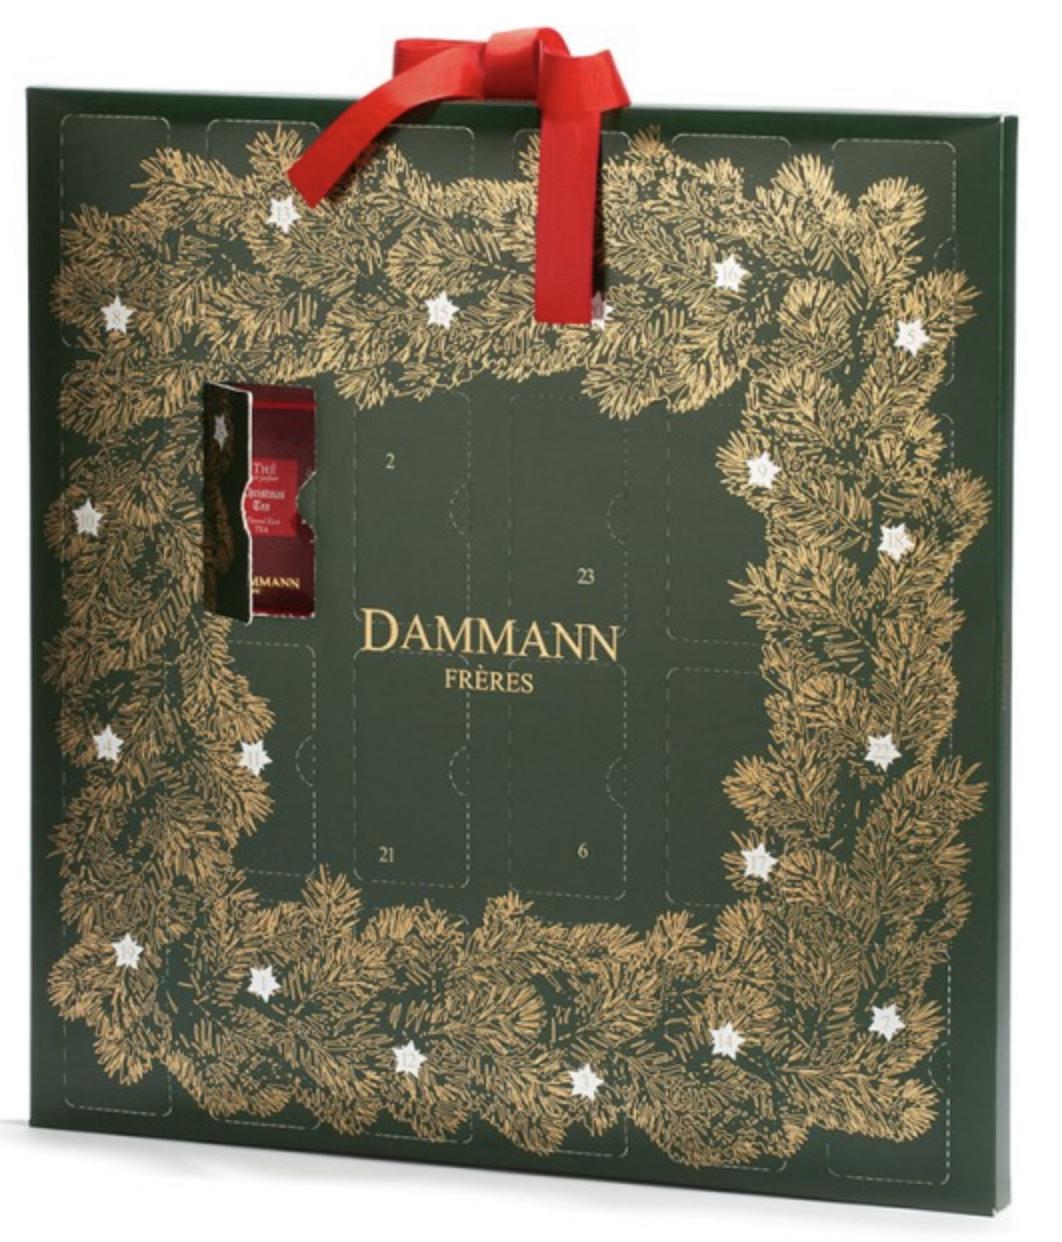 Calendrier de l'avent Dammann 2018 : un calendrier de l'avent pour adultes rempli de thé et infusions